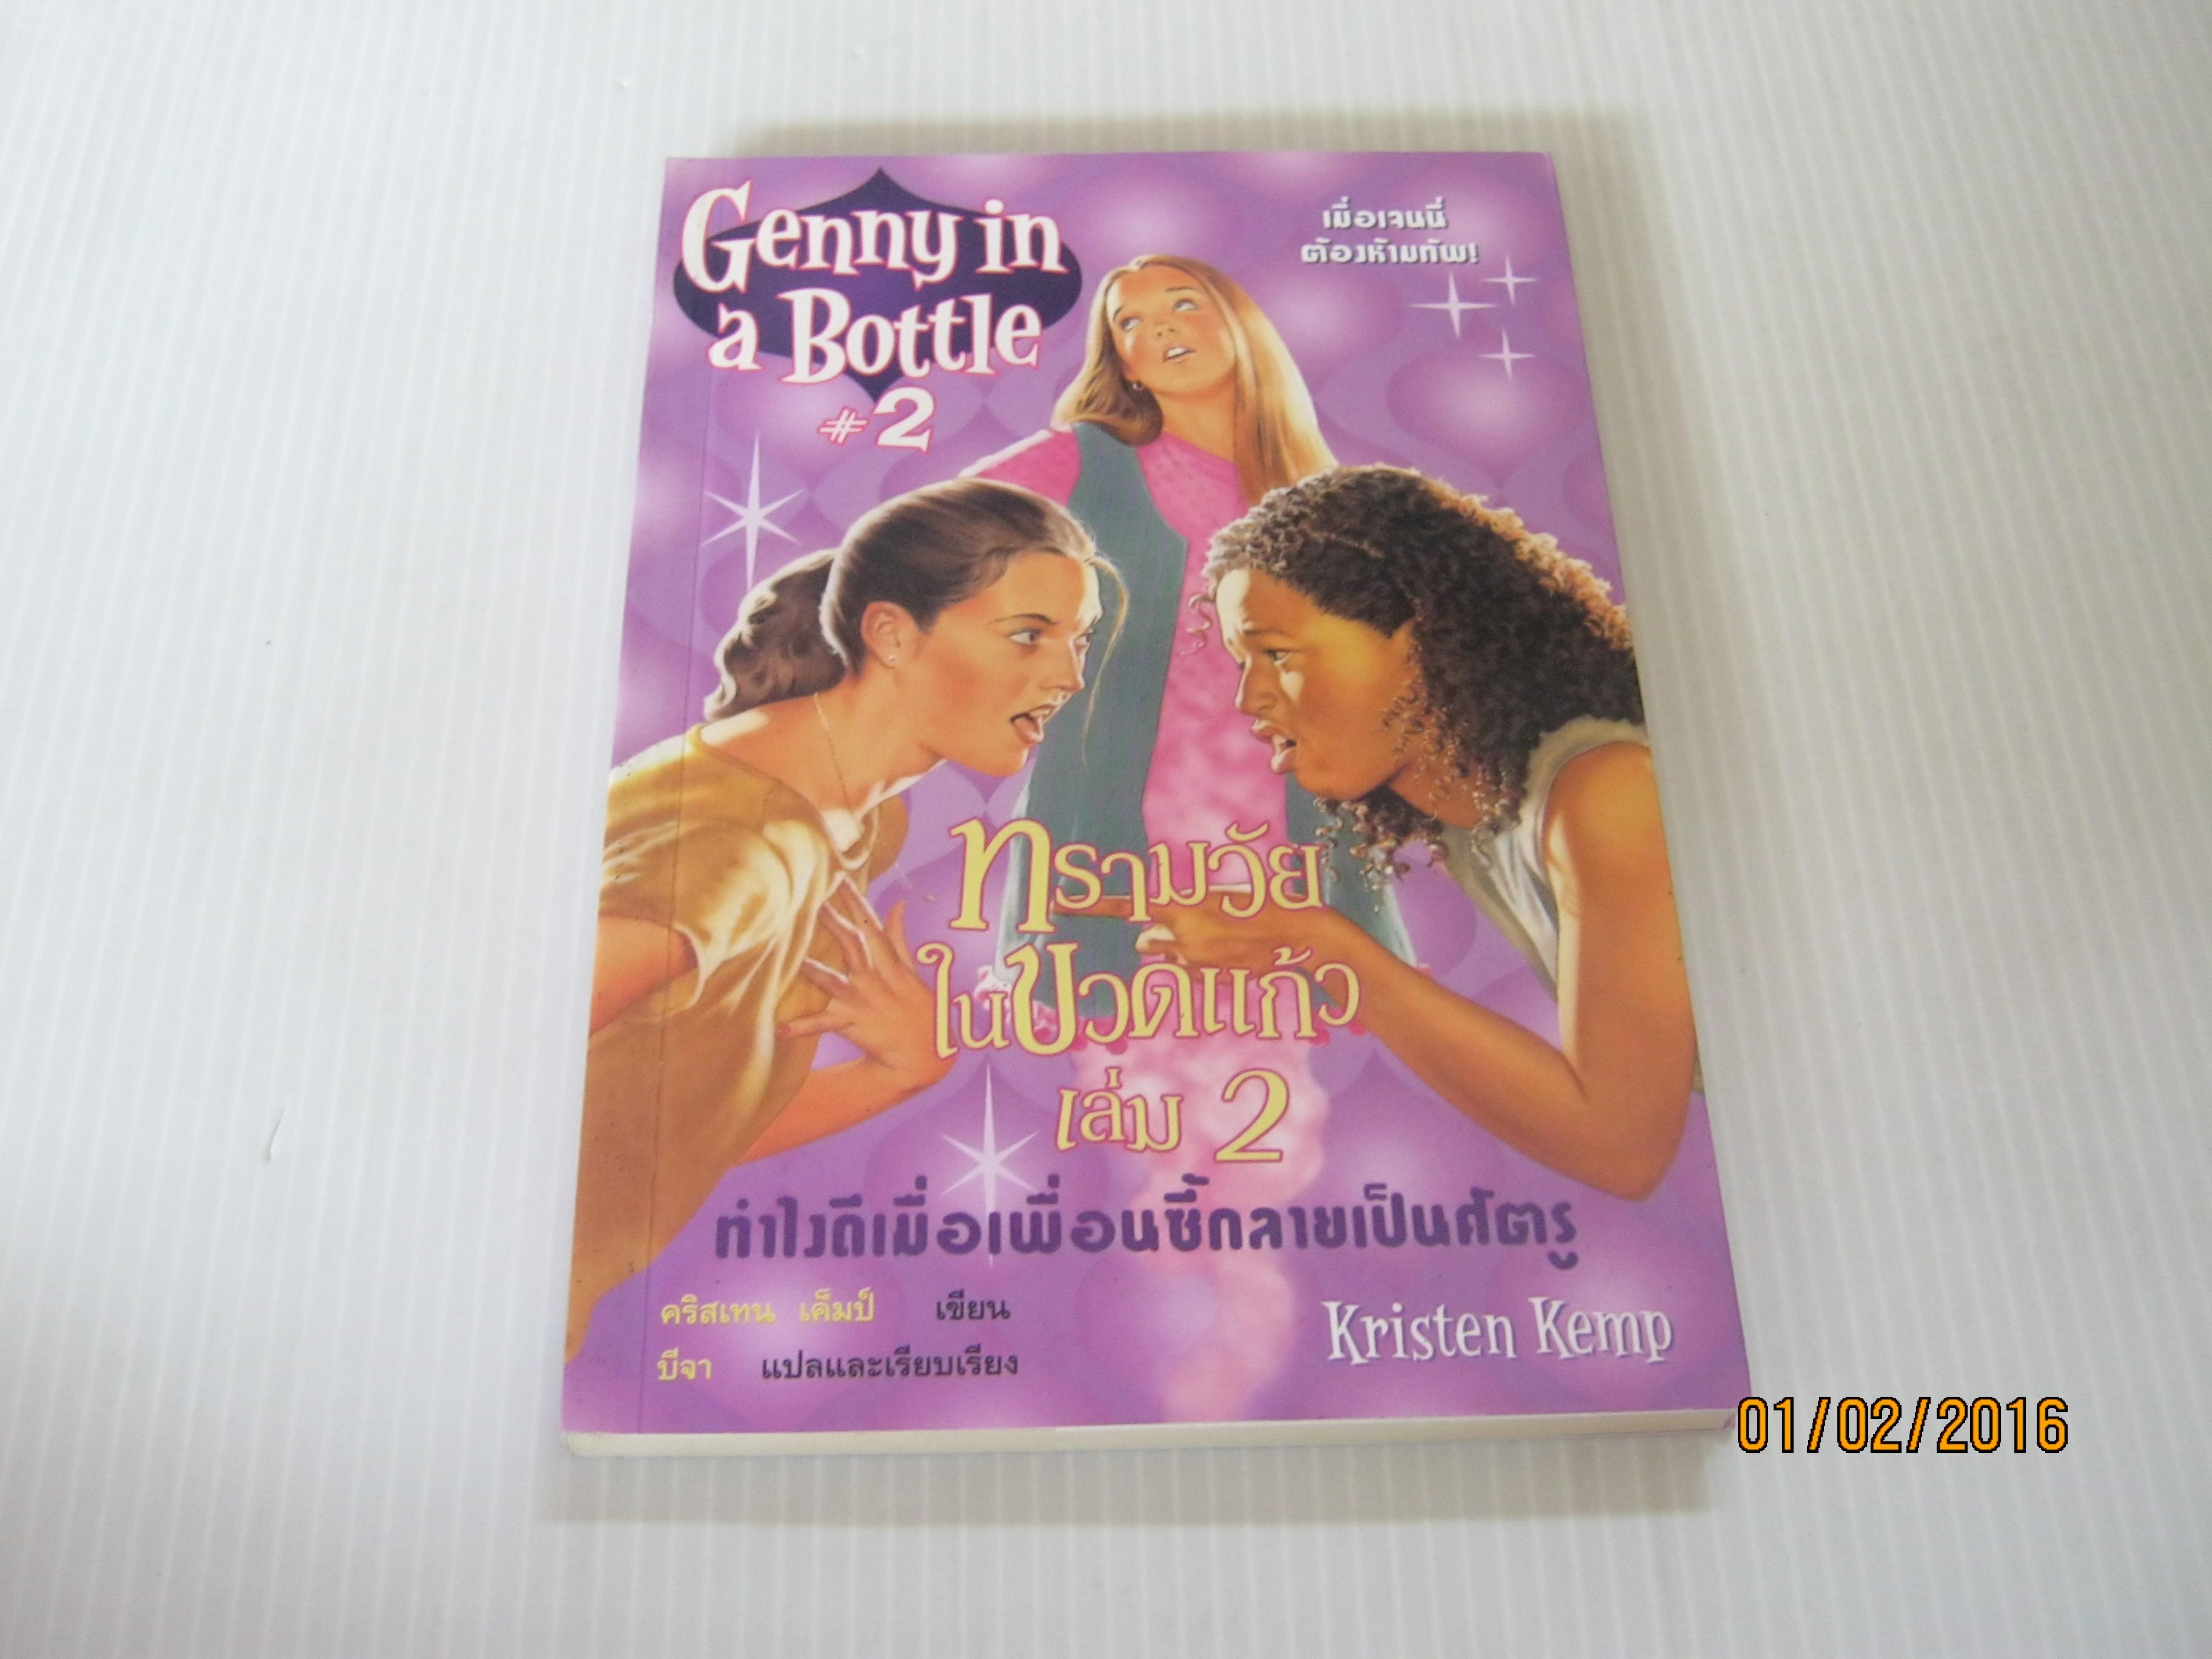 ทรามวัยในขวดแก้ว เล่ม 2 ทำไงดีเมื่อเพื่อนซี้กลายเป็นศัตรู (Genny in a Bottle 2) คริสเทน เค็มป์ เขียน บีจา แปลและเรียบเรียง